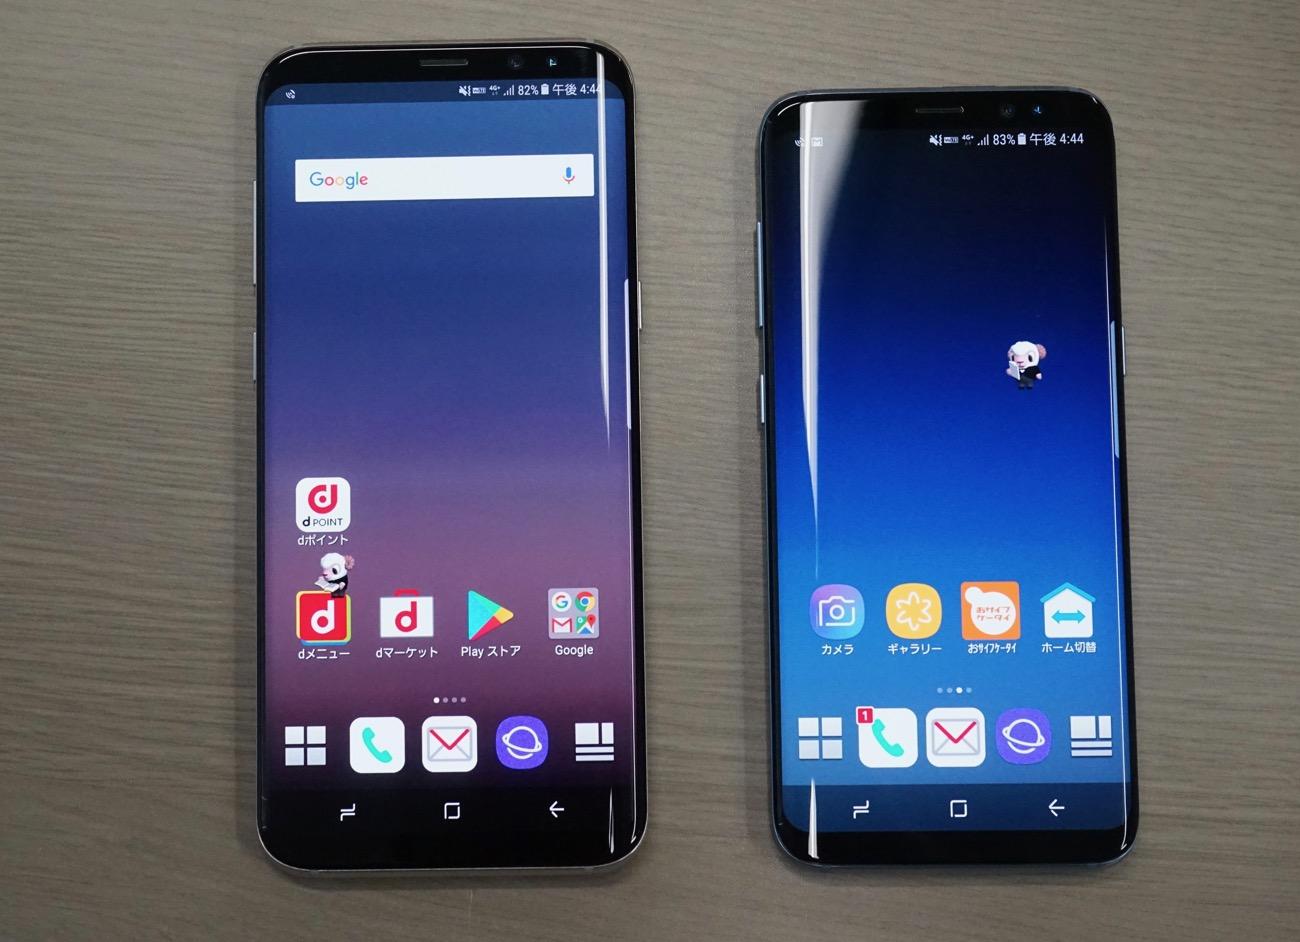 Galaxy S8 / S8+、ドコモ版は6月8日に発売決定。前日までの予約でGear VRが無料に , Engadget 日本版